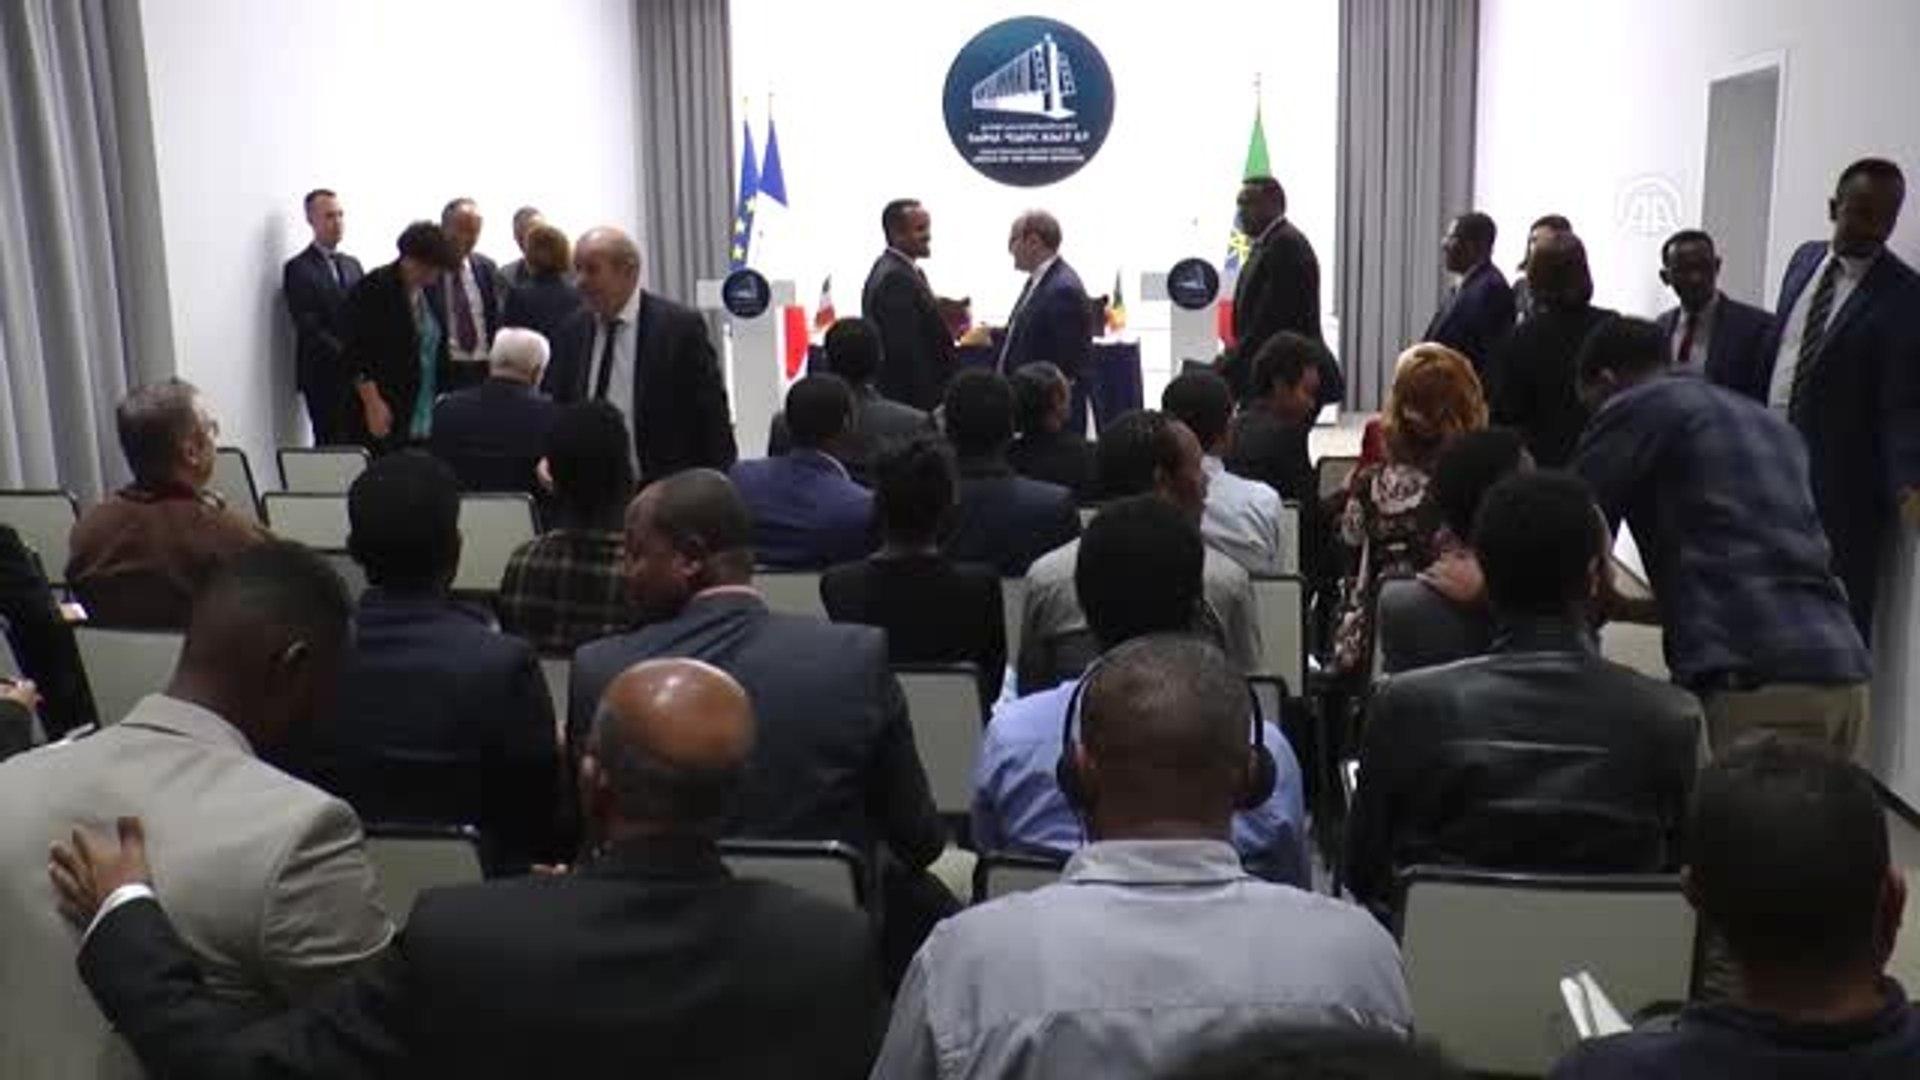 Macron'dan Etiyopya'da Askeri İş Birliği Vurgusu - Addis Ababa